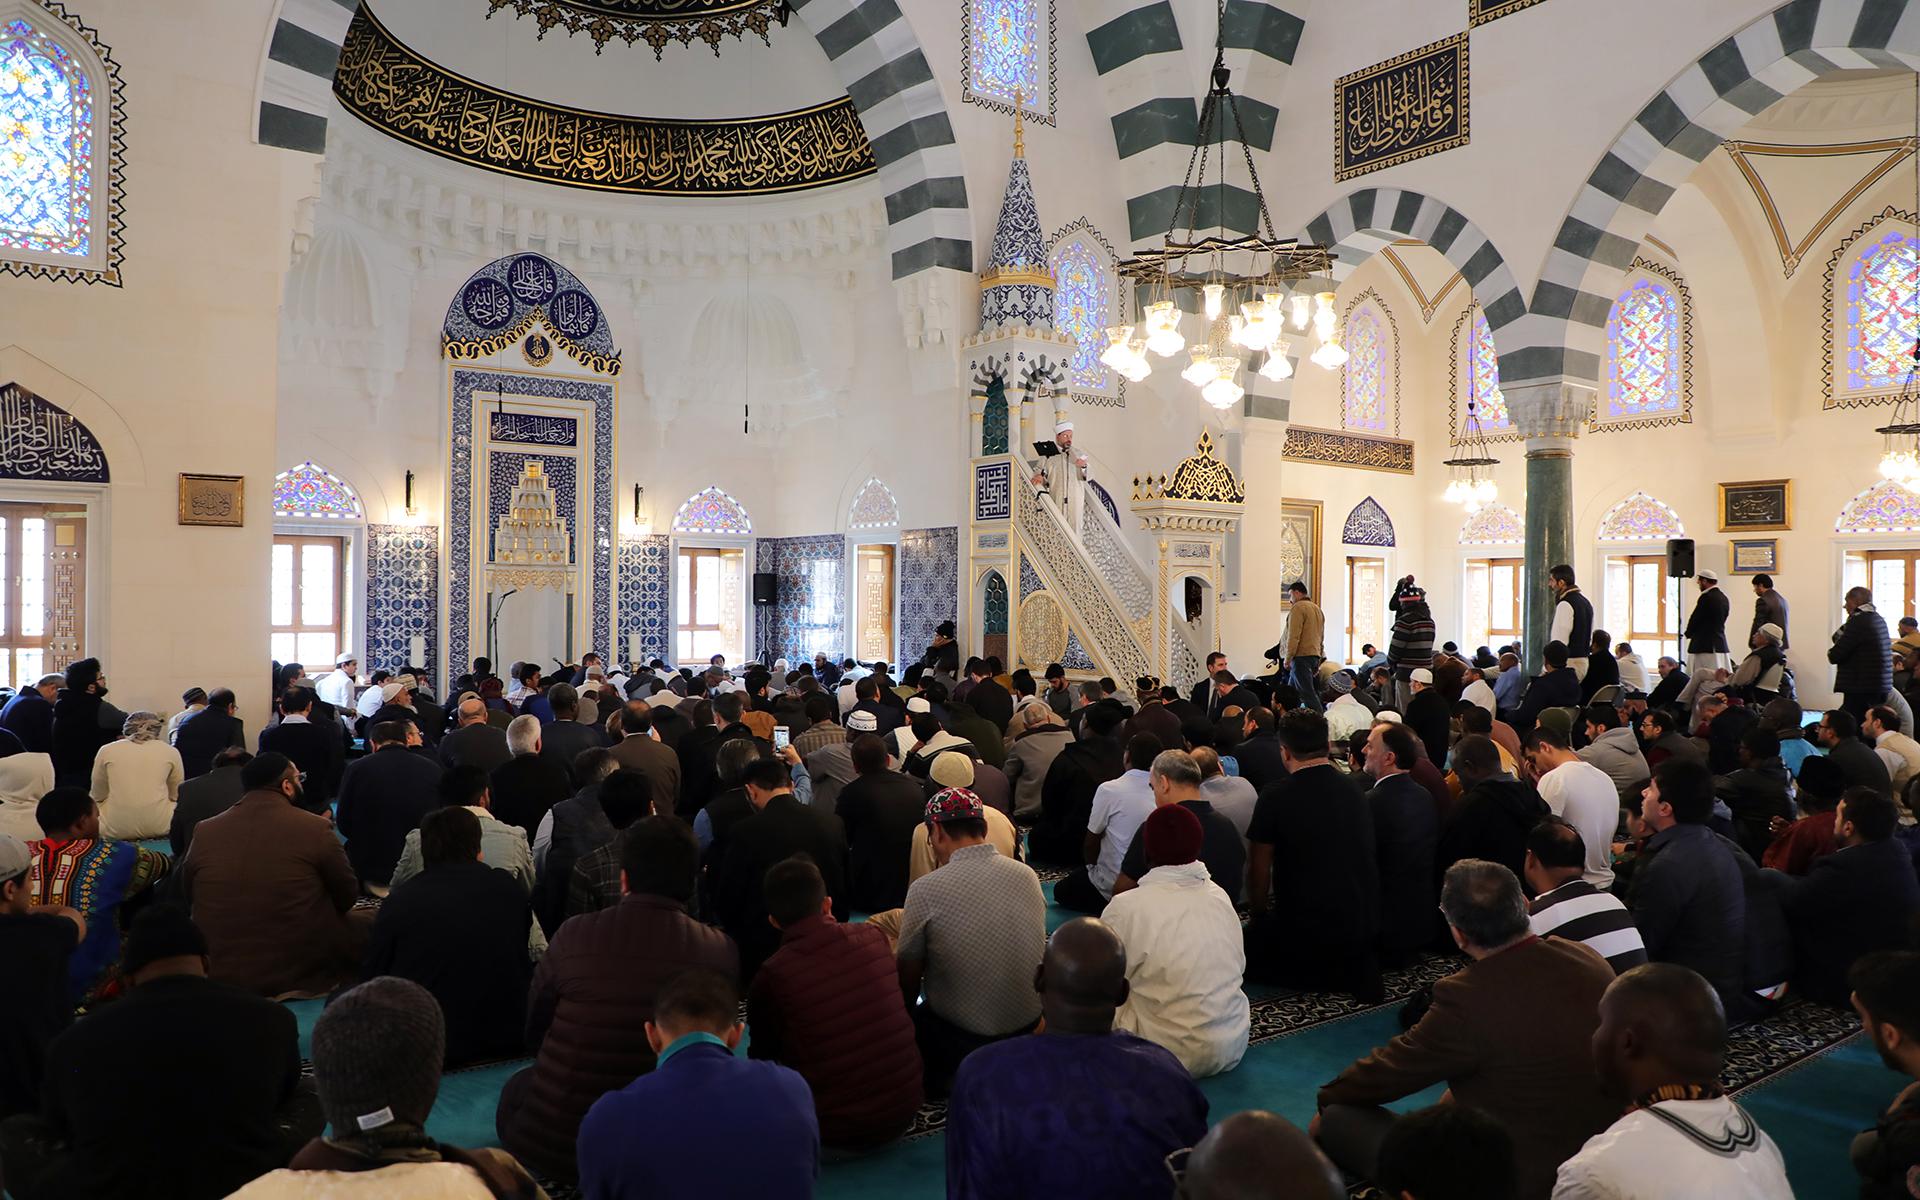 juma-prayer-khutbah-diyanet-isleri-baskani-2